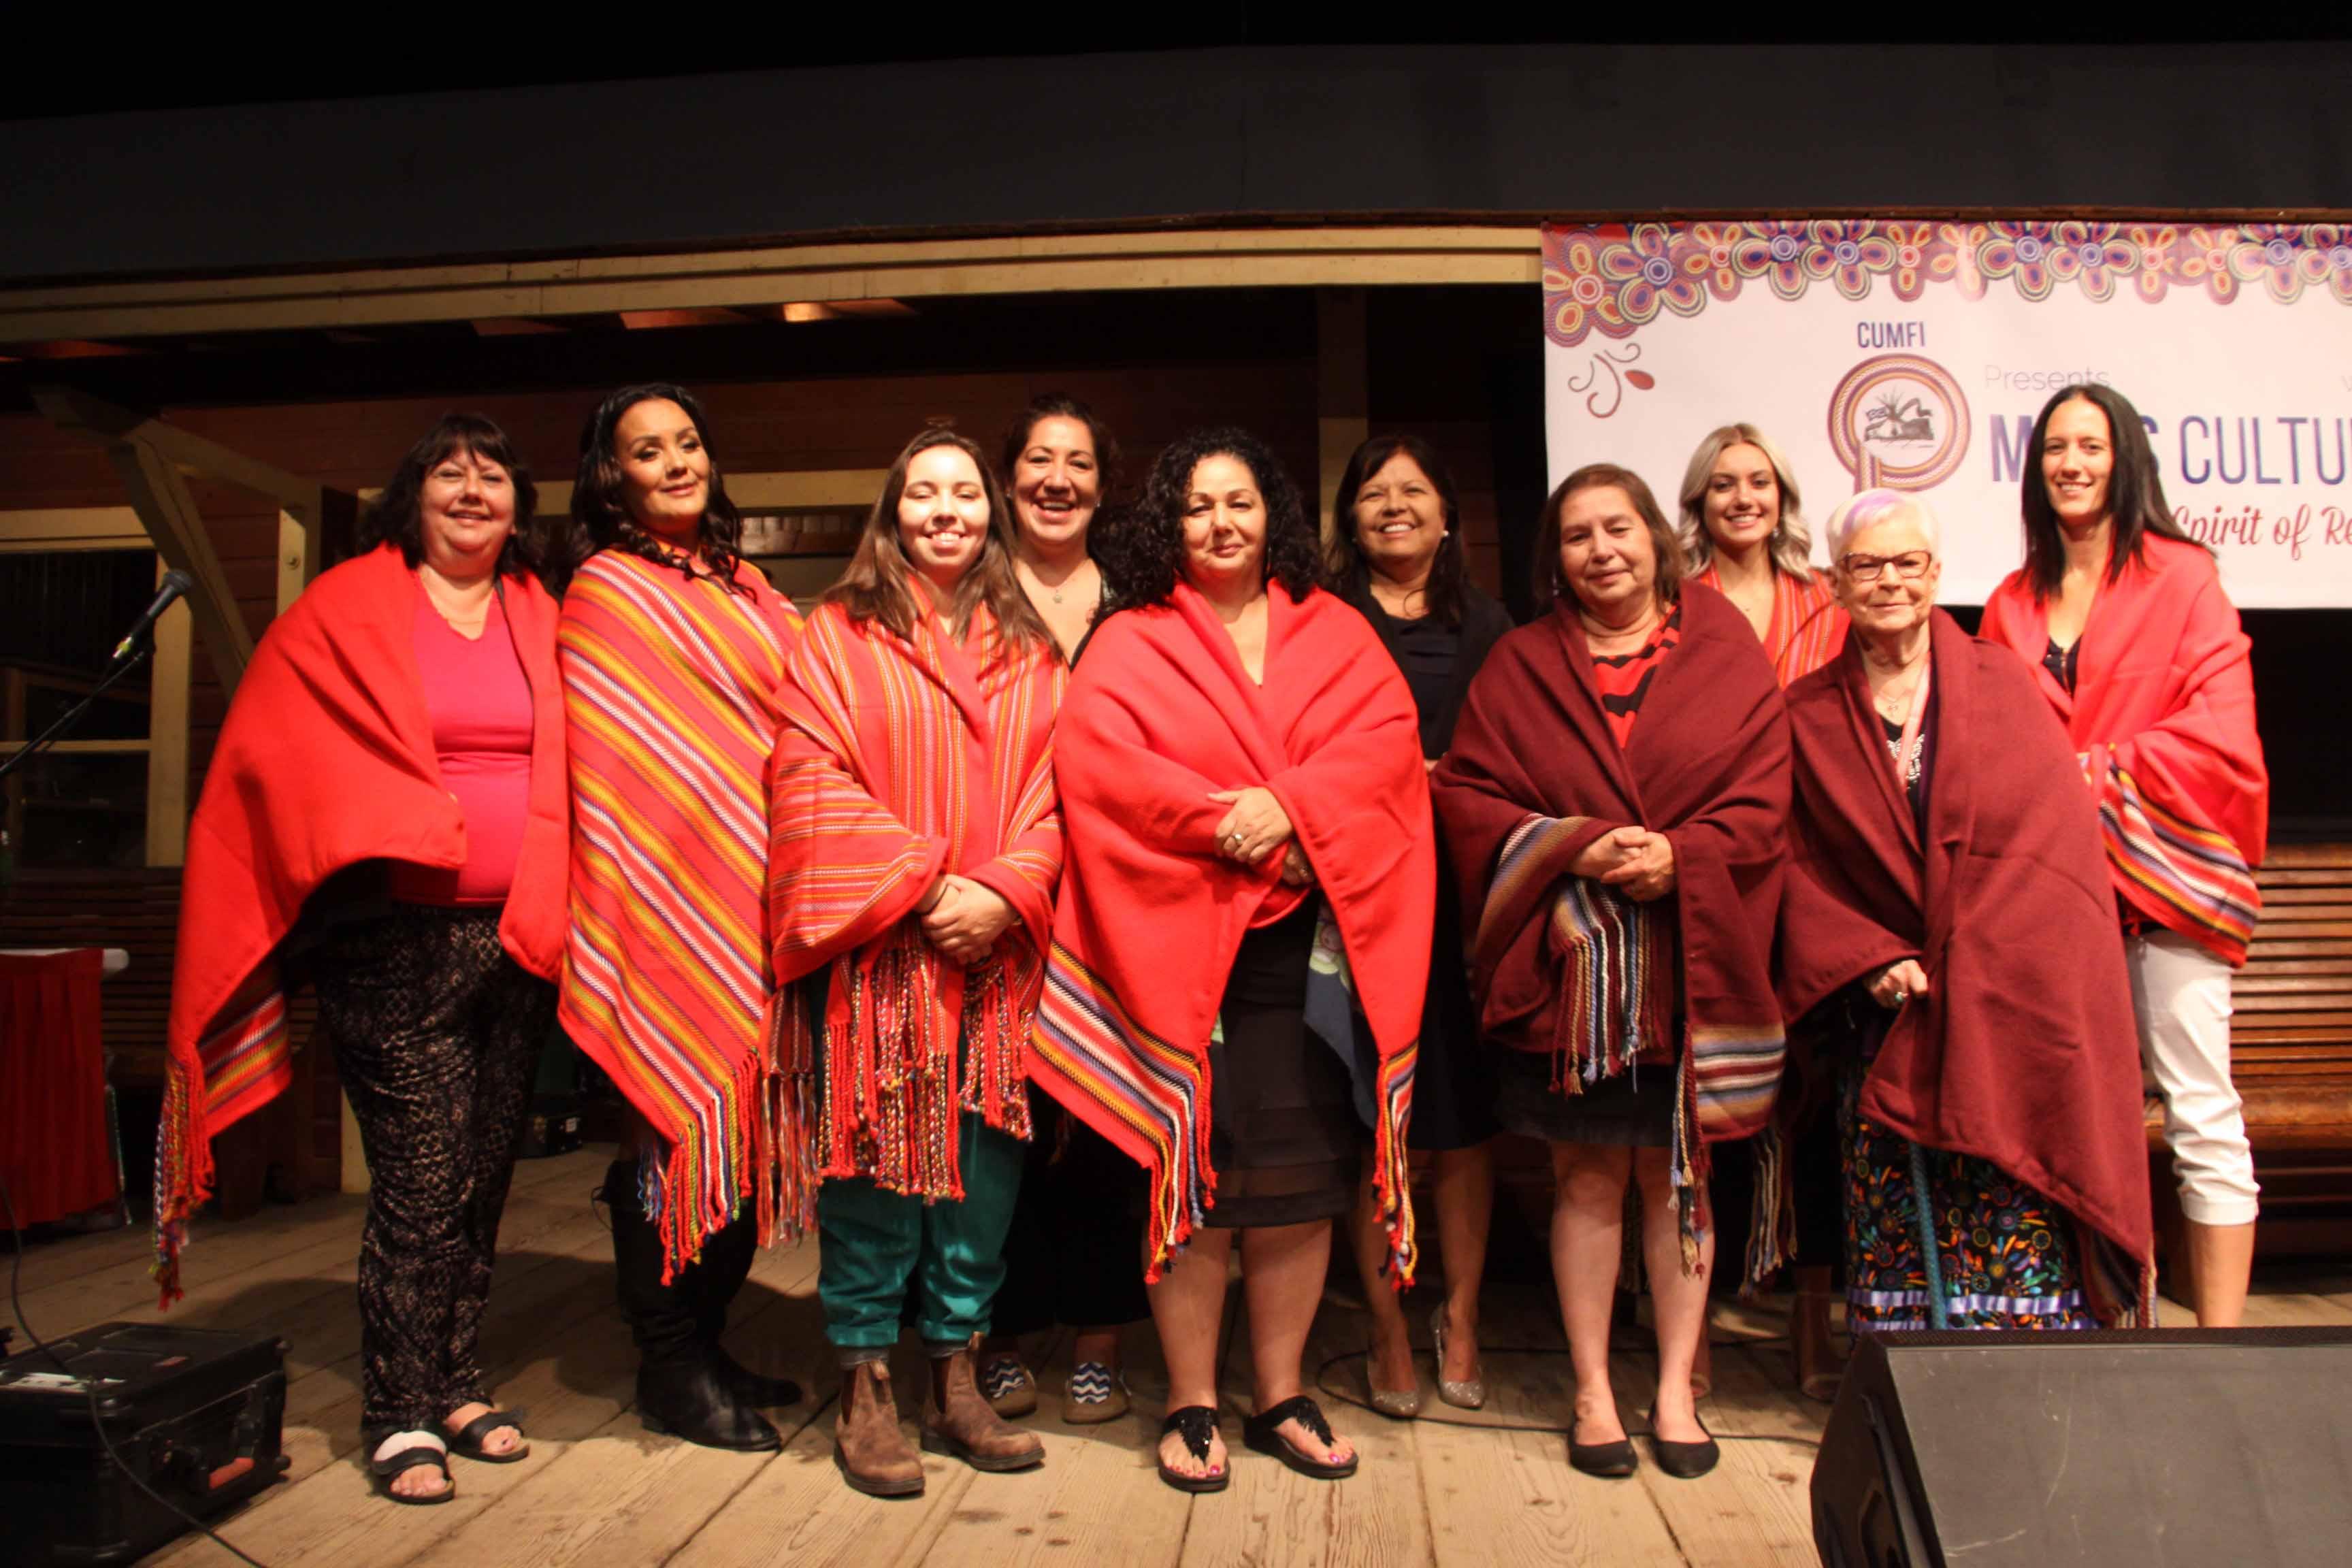 Honouring women at 2019 Métis Culture Days.